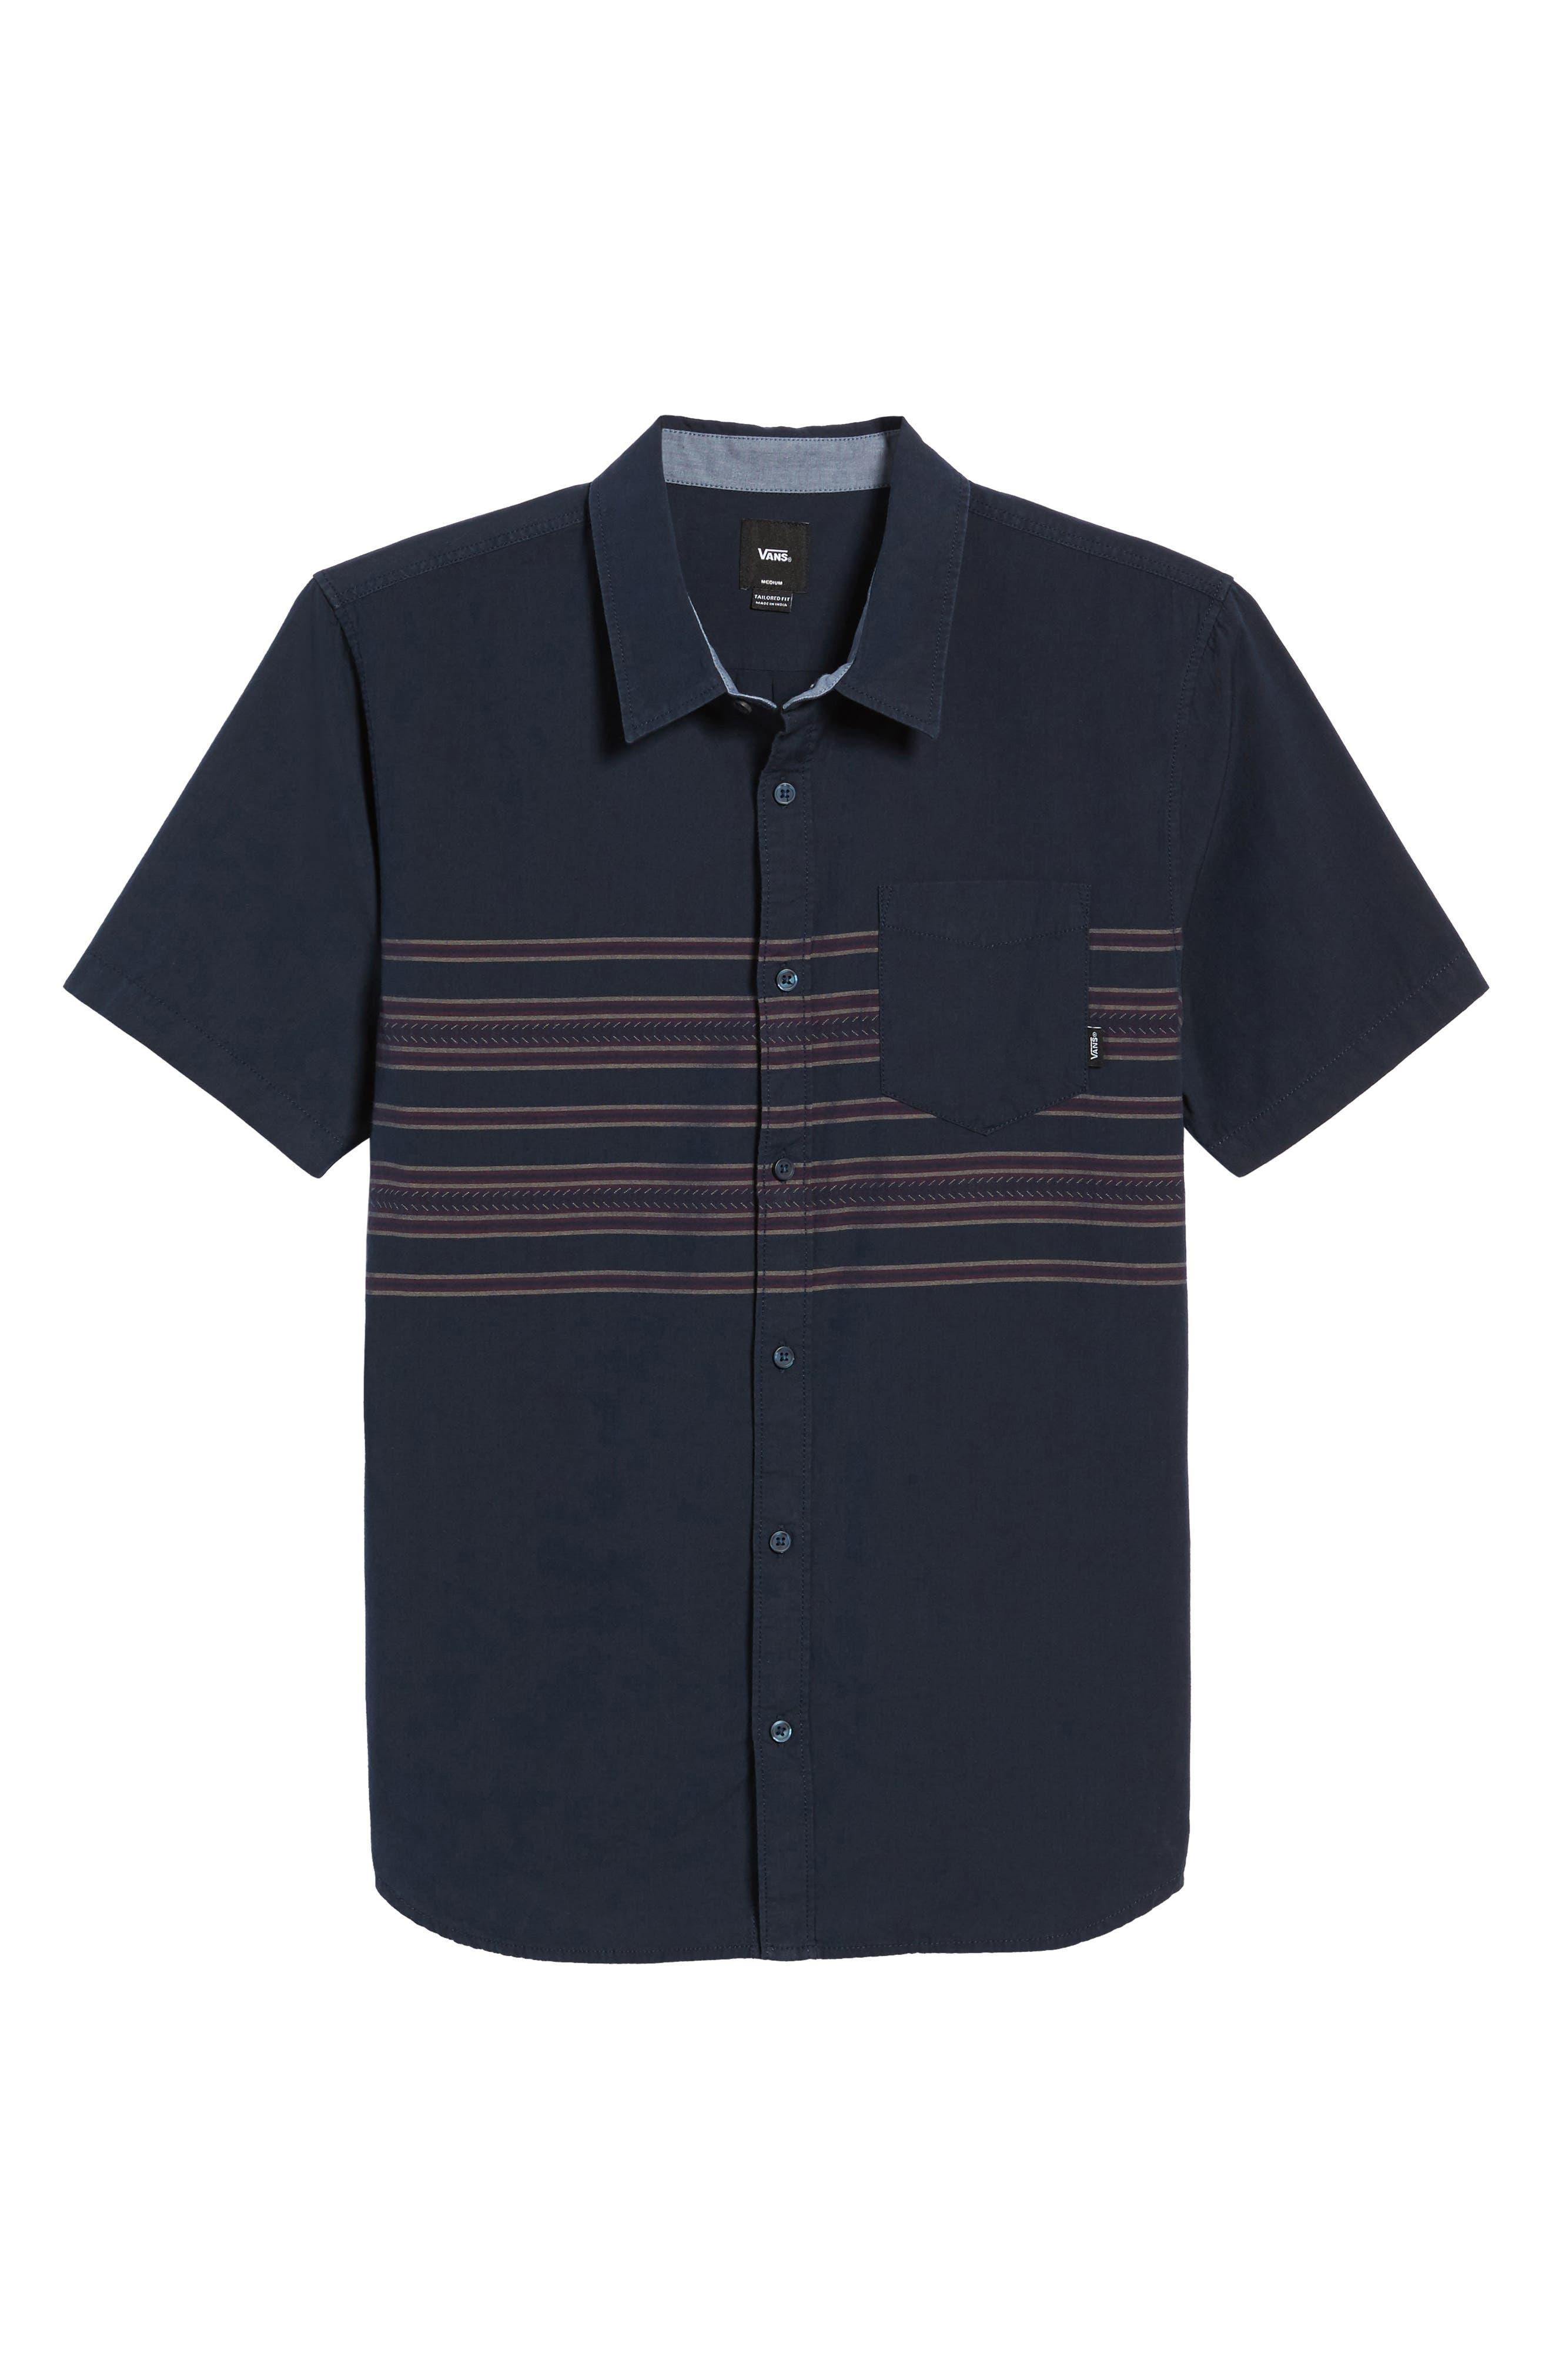 Vans Benmore Striped Woven Shirt